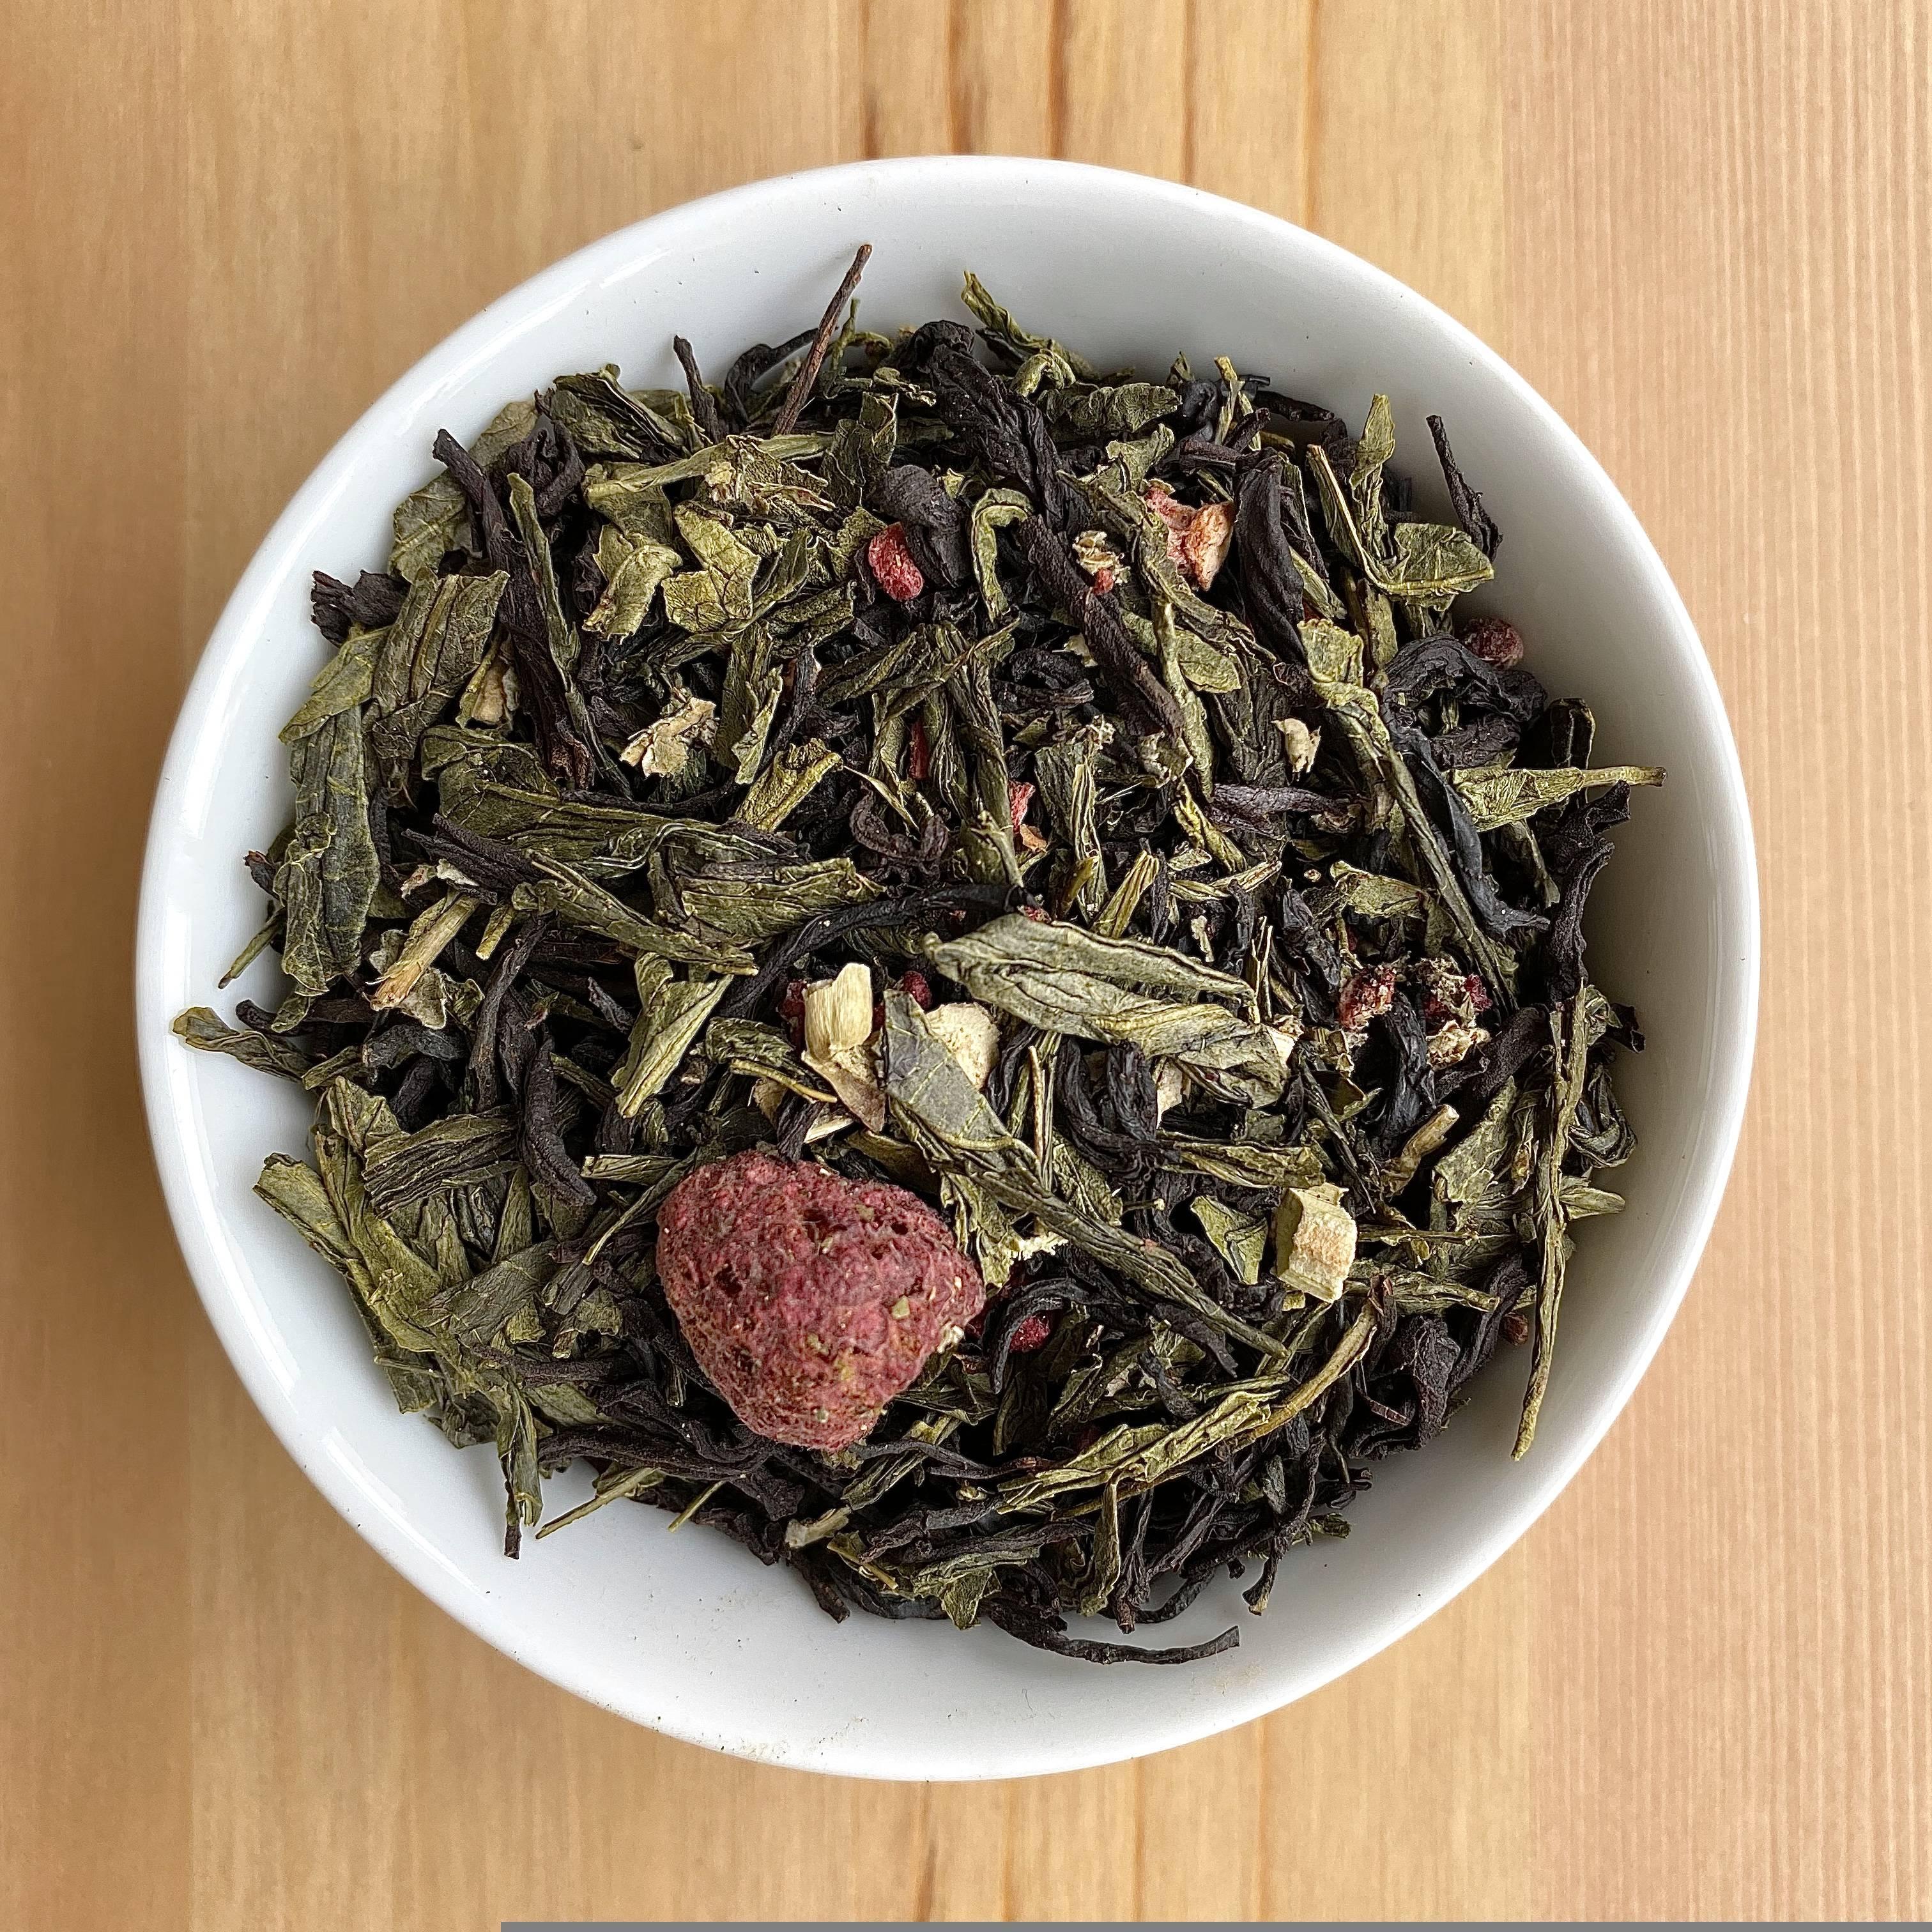 Как заготовить листья малины на зиму для чая: когда собирать малиновые листочки на засушку, как сушить, хранить и заваривать